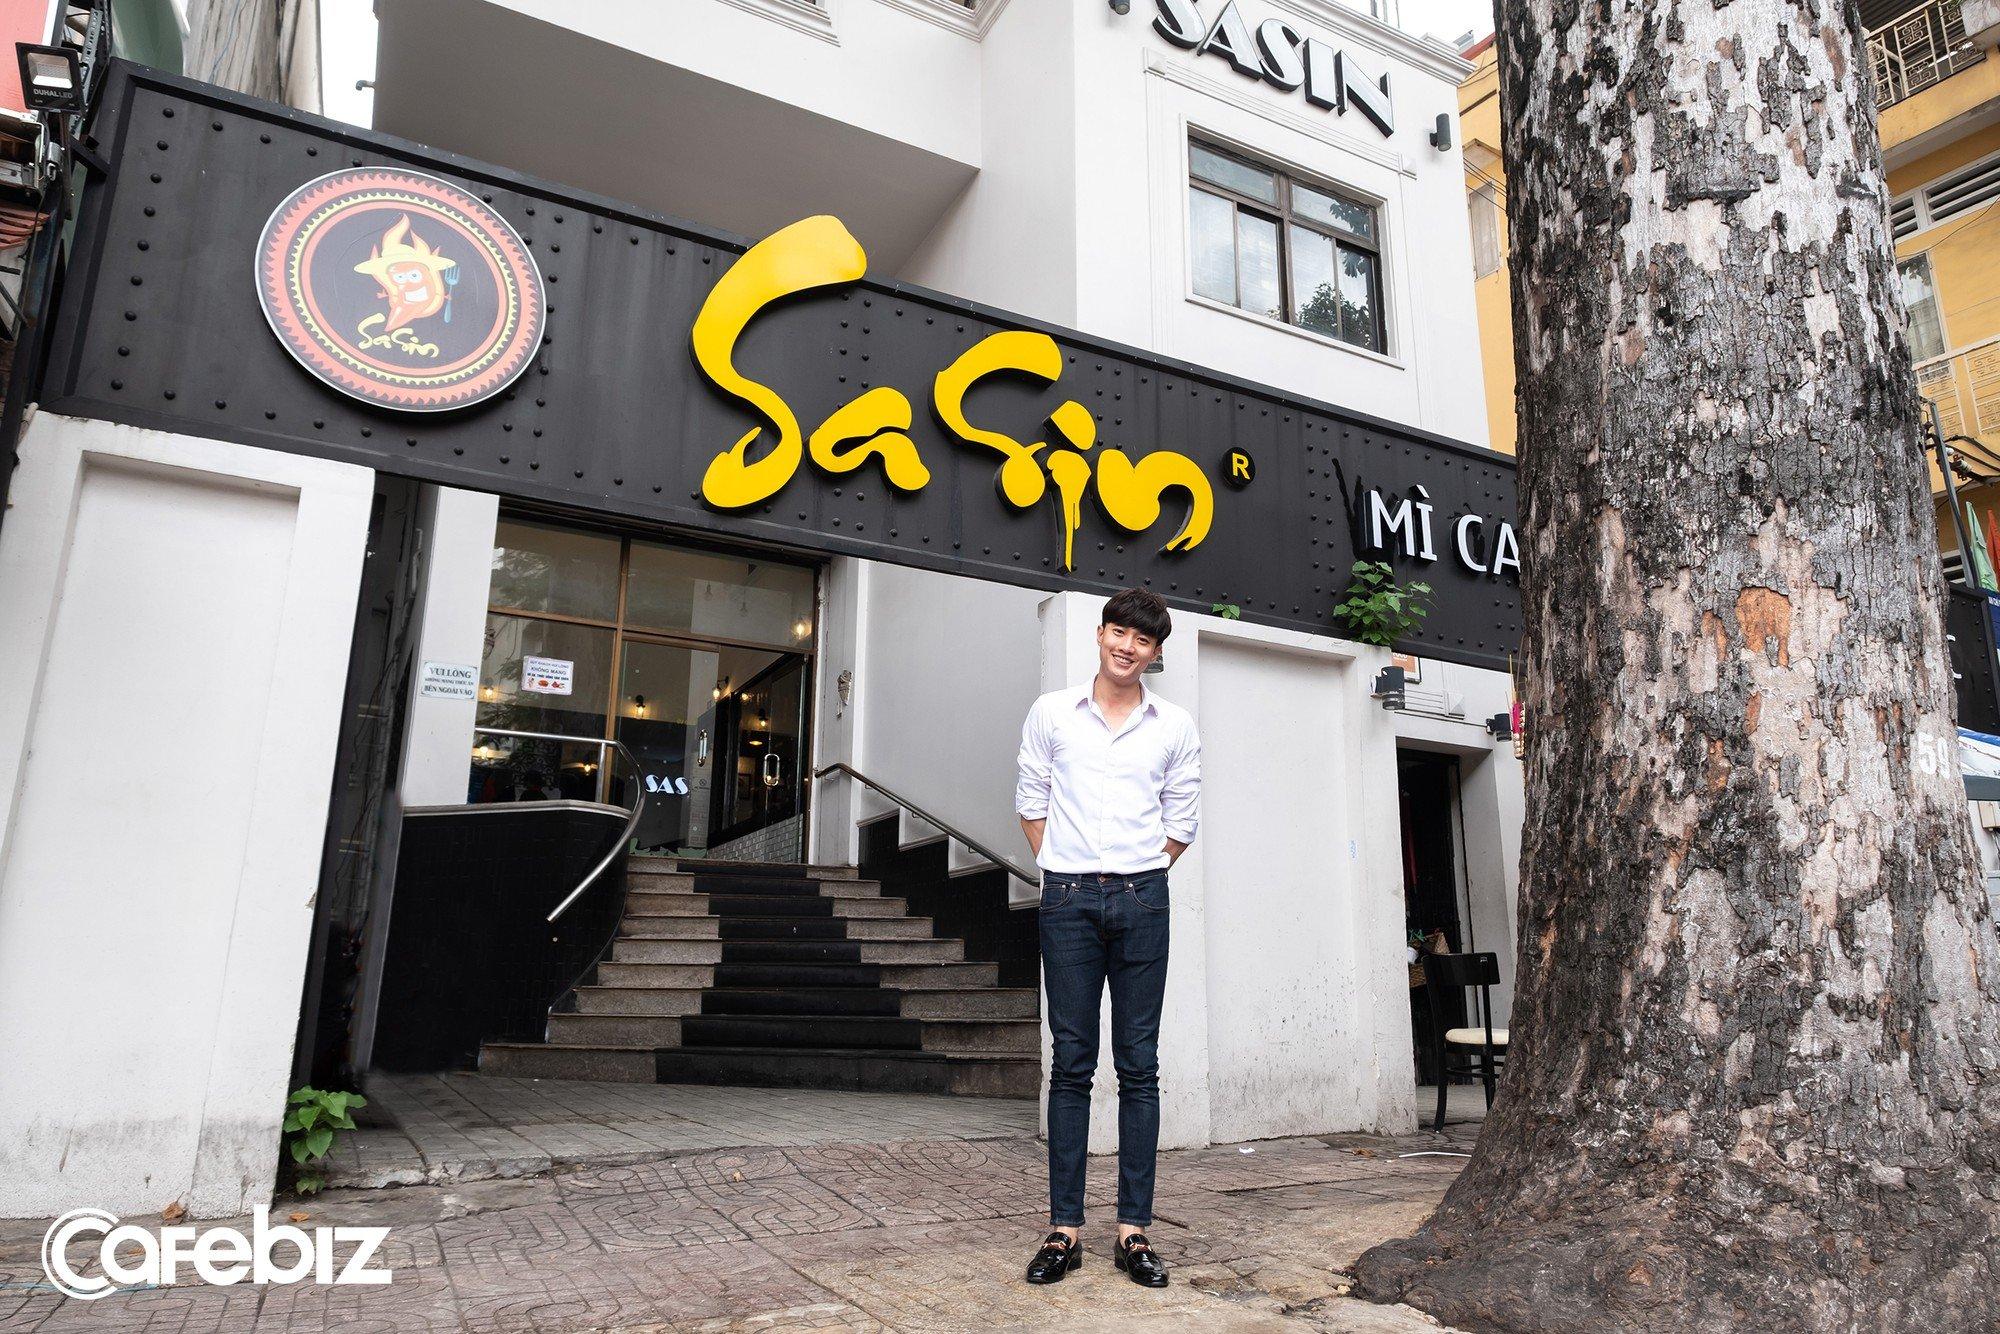 Quốc Trường mở hẳn nhà hàng ở nước ngoài khi 'Về nhà đi con' vừa kết thúc 2